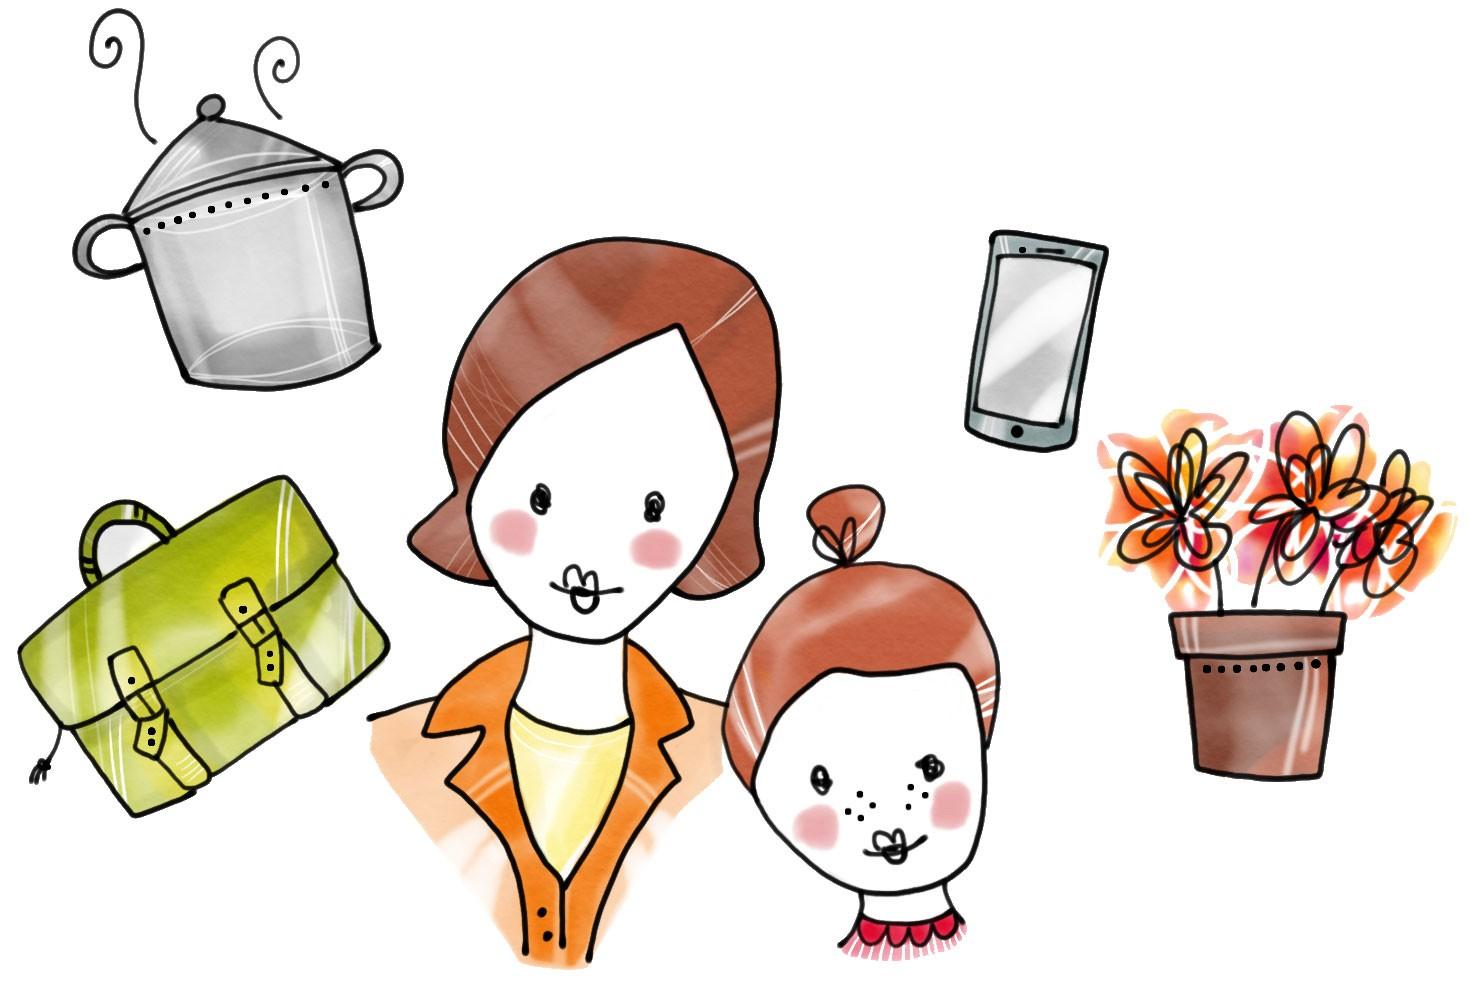 Mutterrolle-Selbstbewusstsein-kraft-beruf-trauer-unterstützung-Gemeinsam-Leben als Mutter-fragen-Multitalente-Schritte-Freude-fehlt-Mut-Schmerz-Angst-Tiefe-Lebensqualität-Wohlbefinden-unterstützung-Persönlichkeitsentwicklung-Persönlichkeits-Coach-Team-Bildung-Familie-Weg-gemeinsames Ziel-durchatmen-auftanken-Job-gemeinsam-Grenzen--Belastbarkeit-handeln-mentale Stärke-Wohlbefinden-Verhaltensmuster-aufzulösen-Lebensfluss